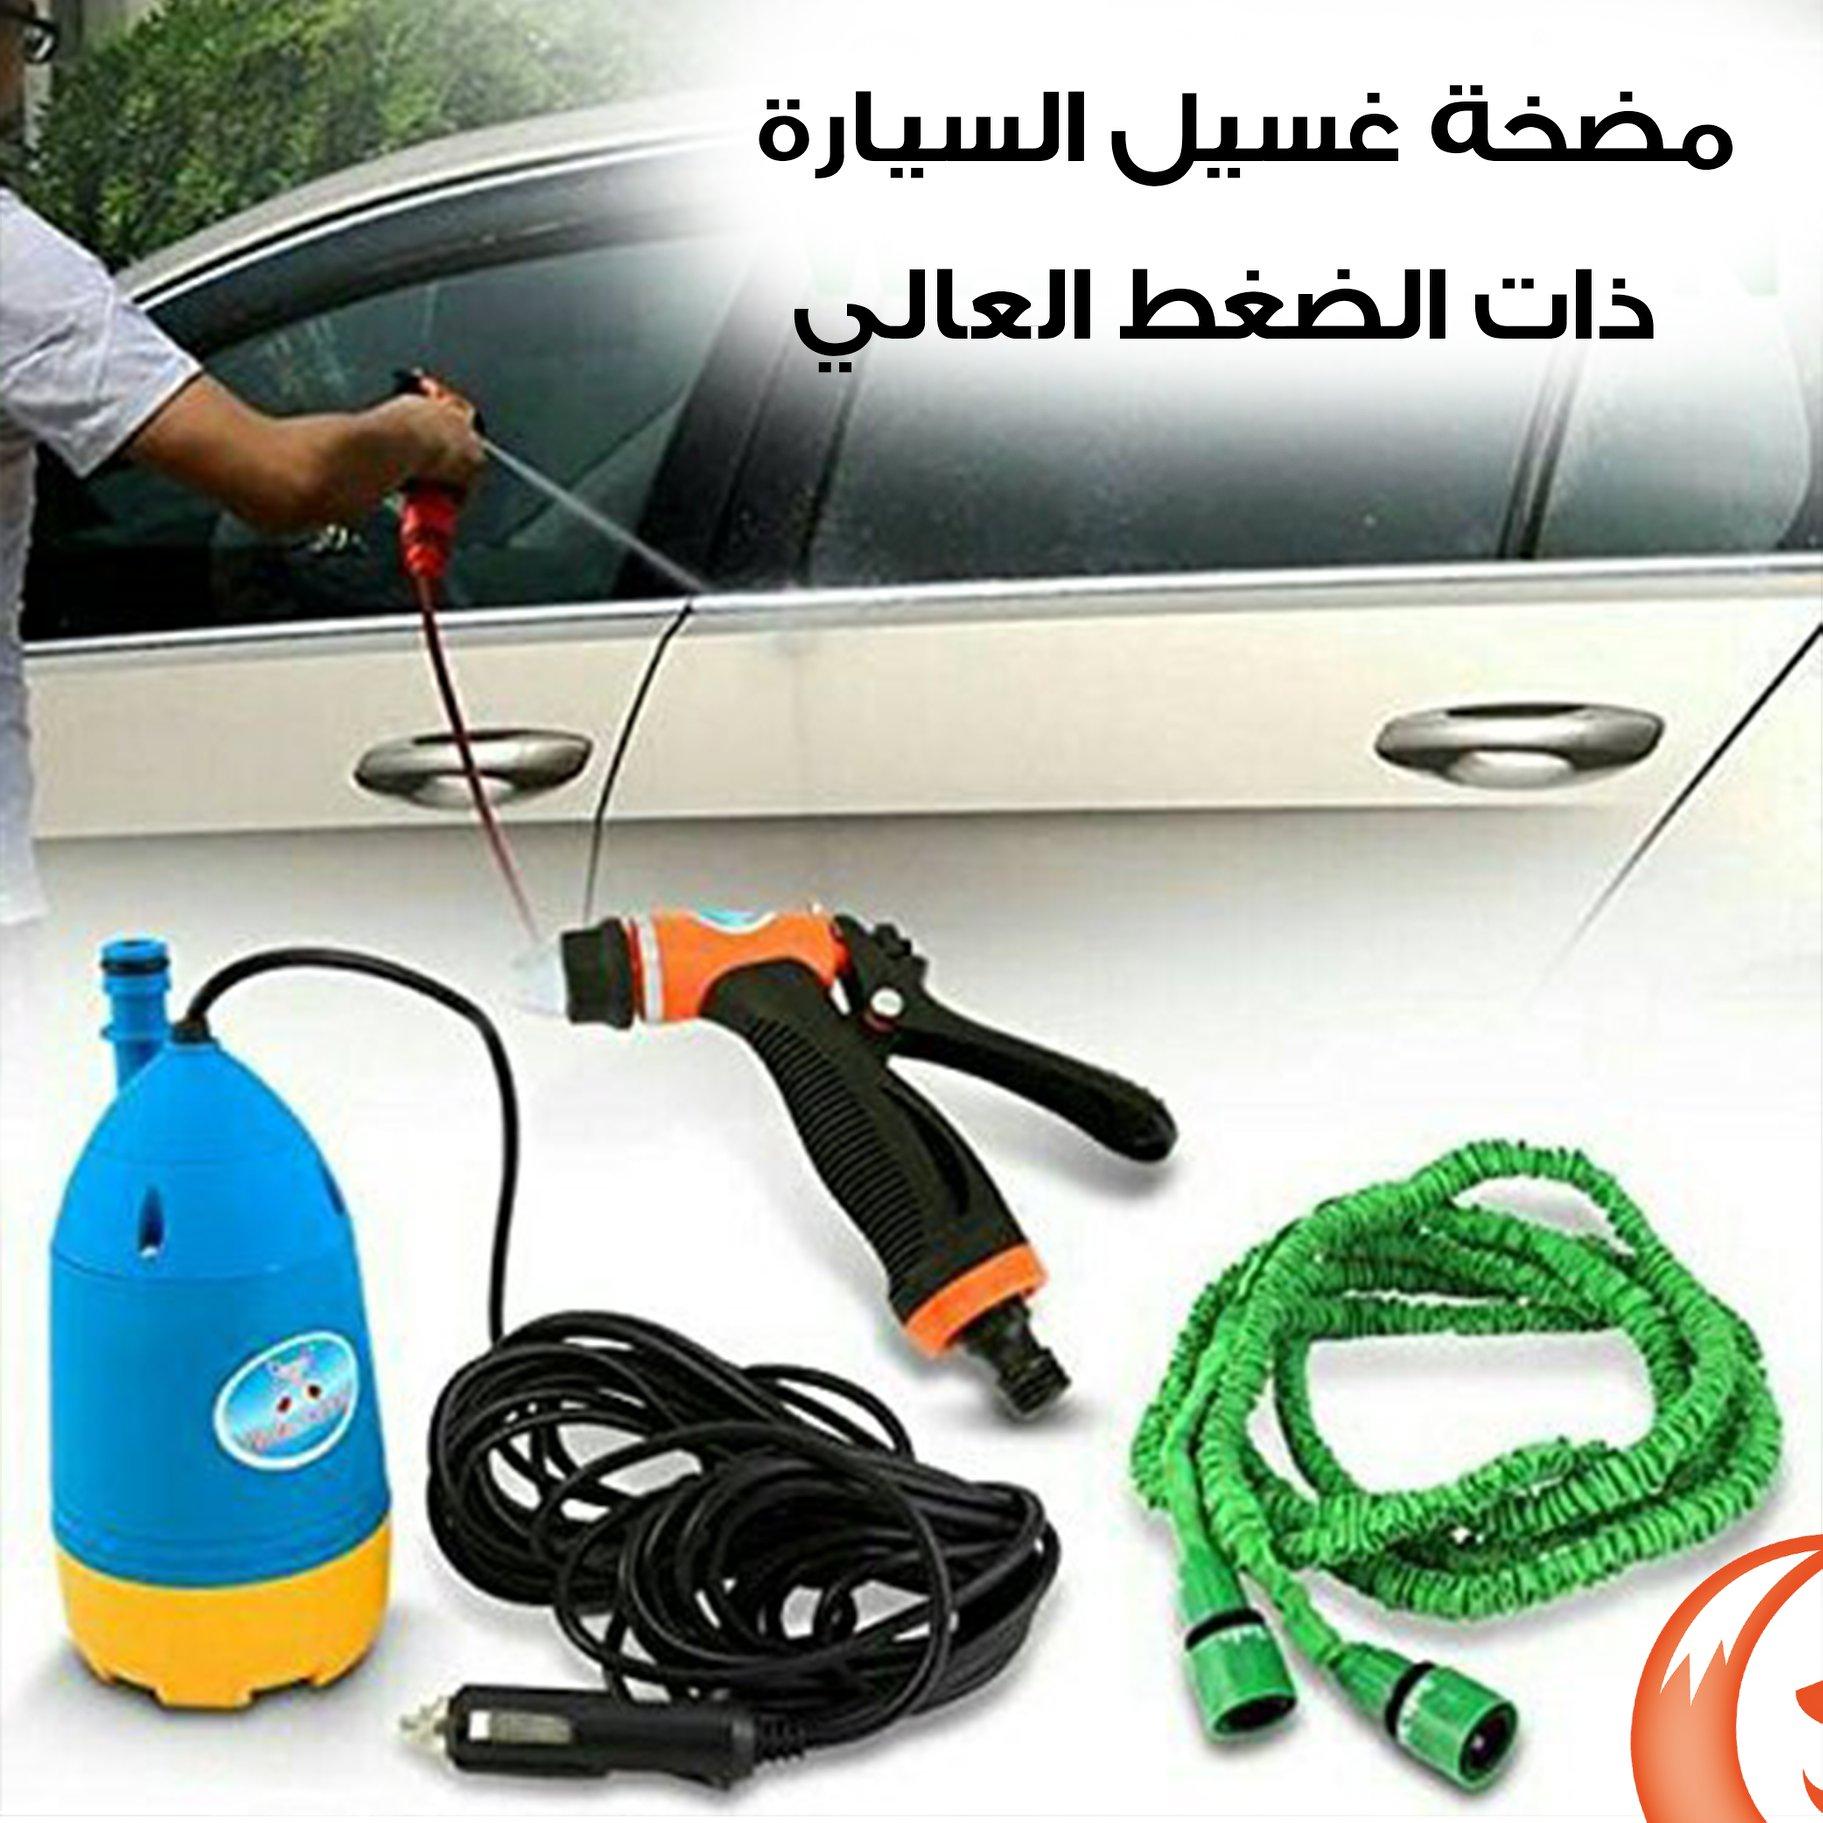 مضخة محمولة لغسل السيارة وتنظيف الاسطح و السجاد